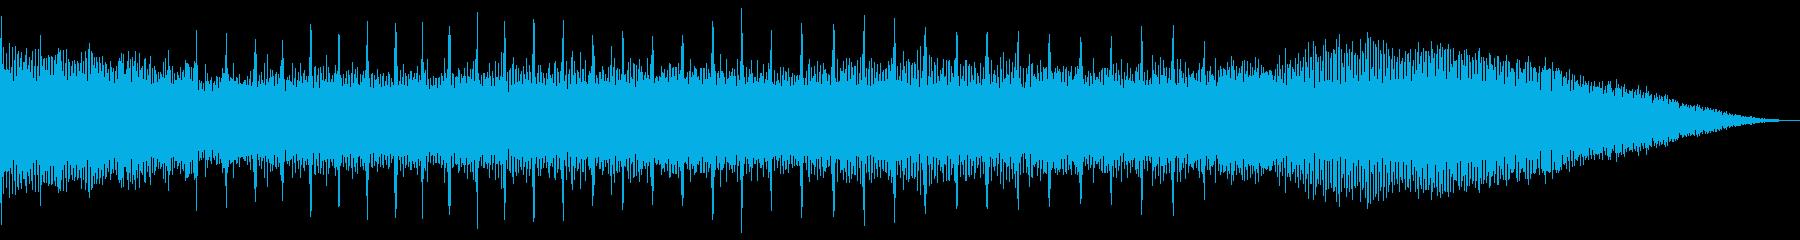 蝉のミーンミーン&川のザーザーのコラボの再生済みの波形